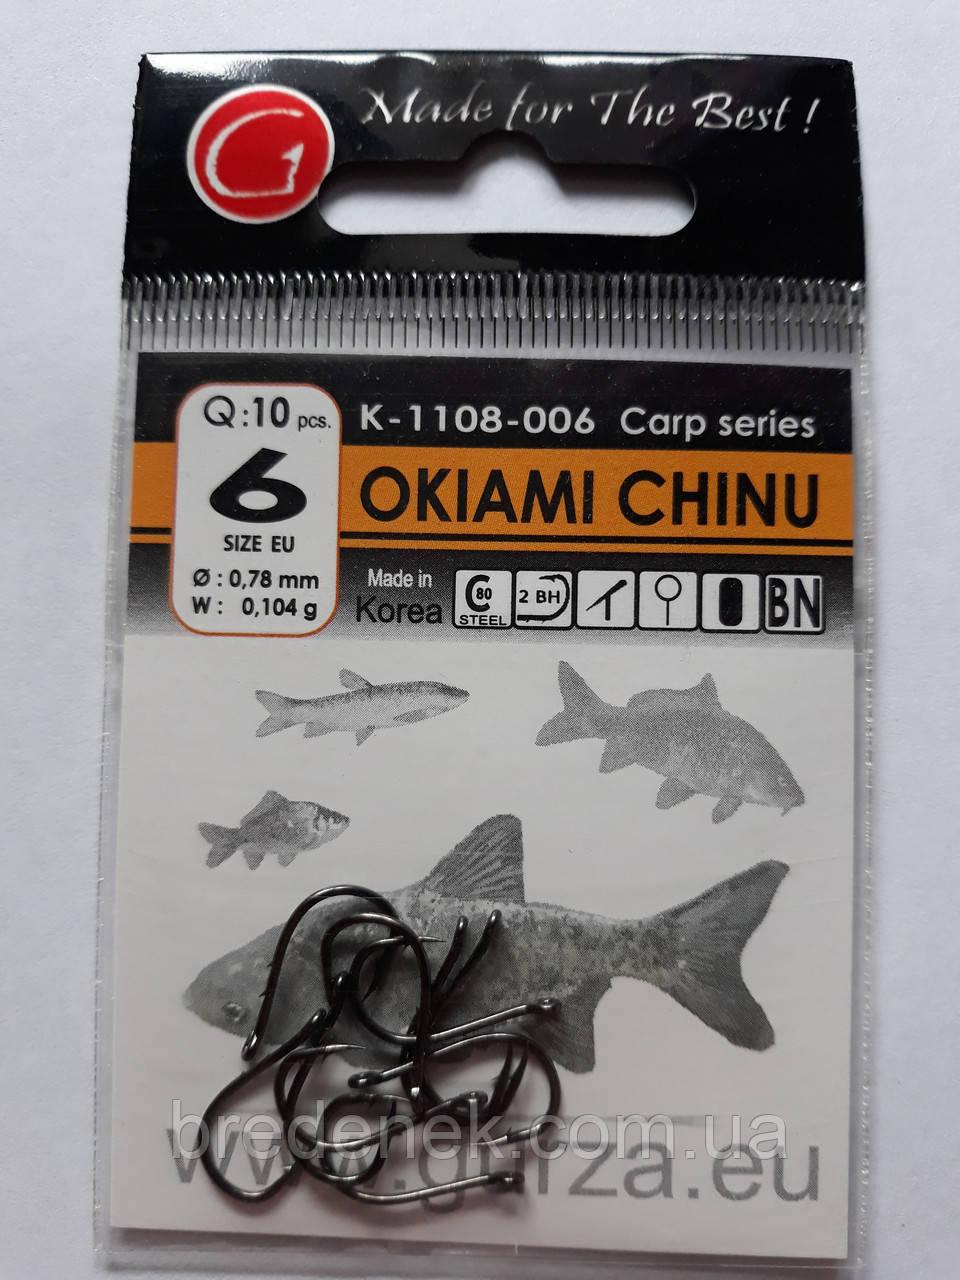 Крючки Gurza okiami chinu № 6